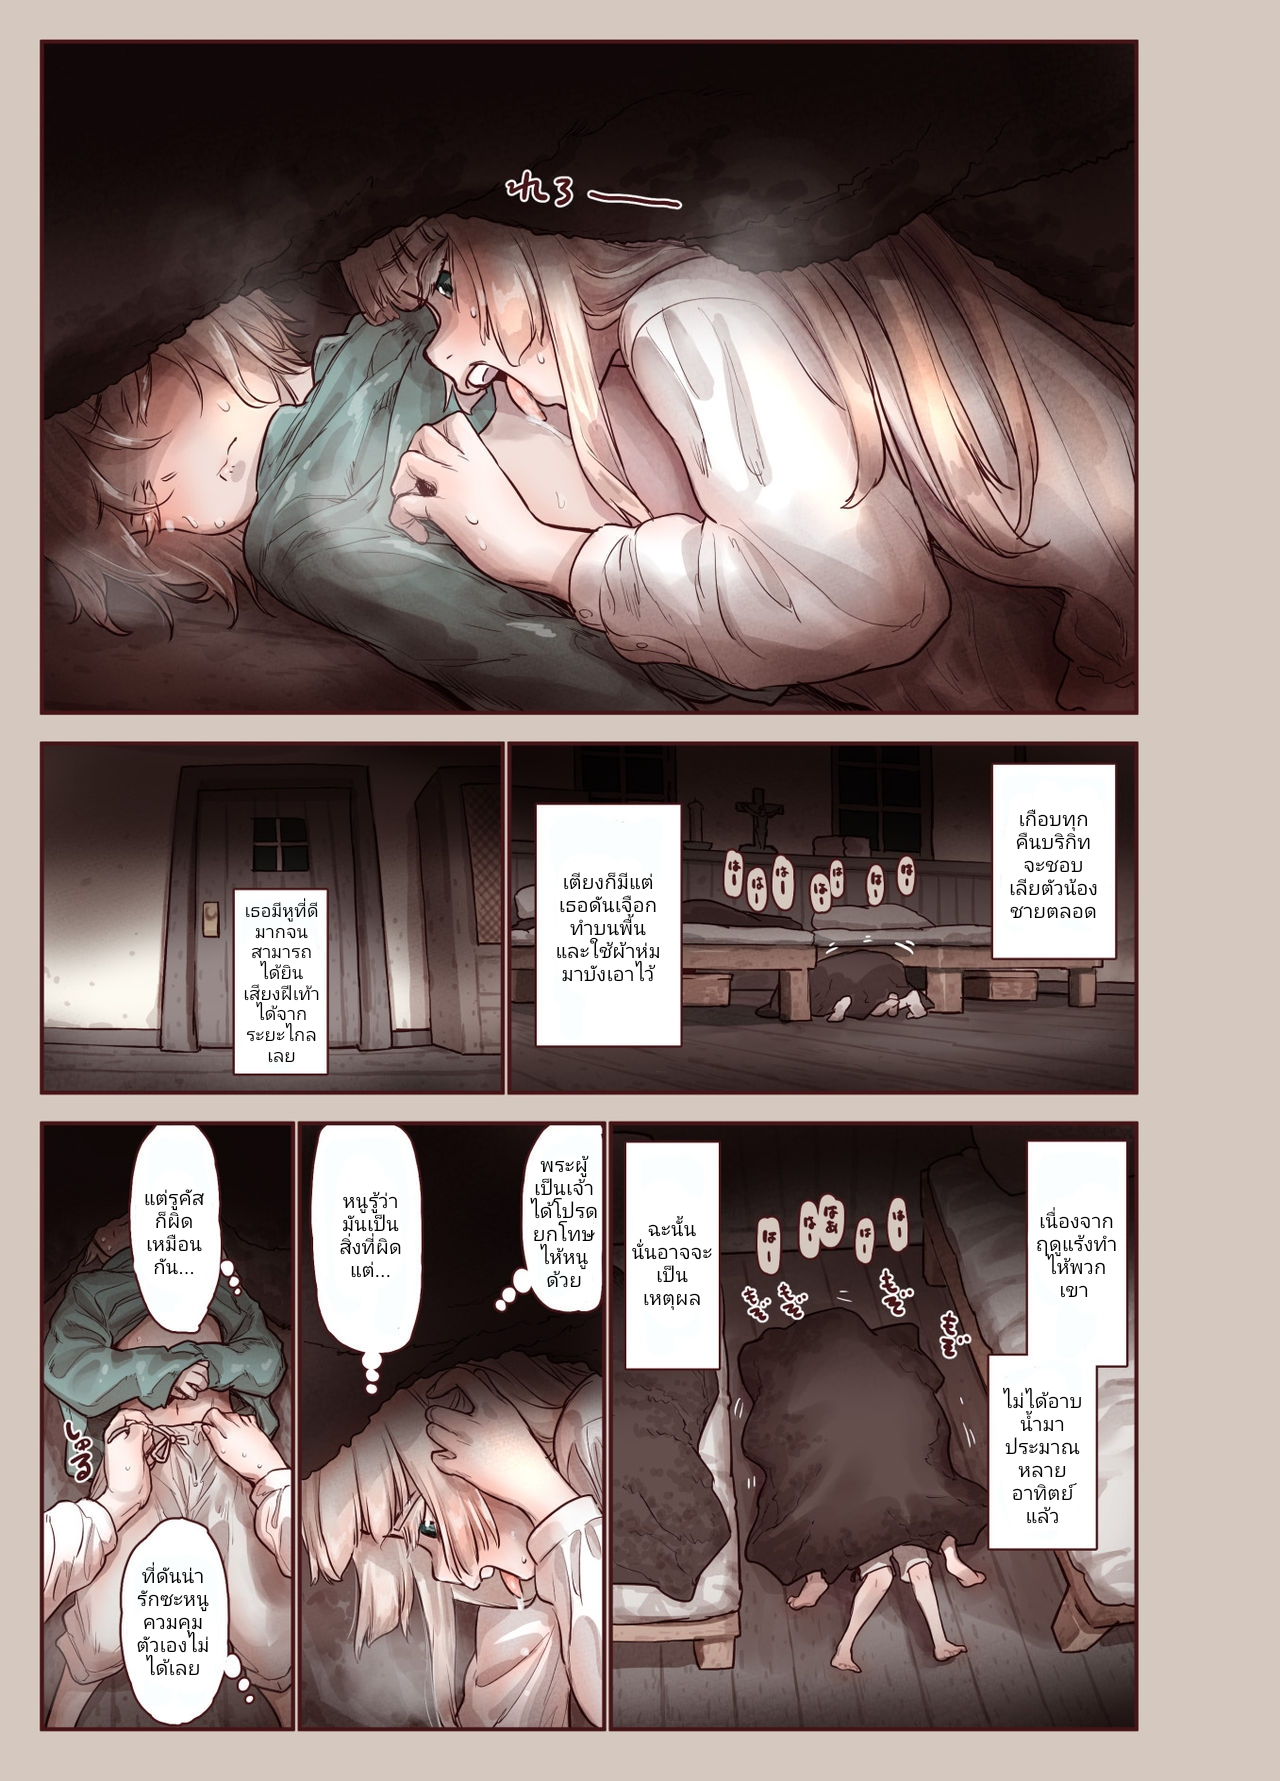 บาปและความลับ ภาพ 7